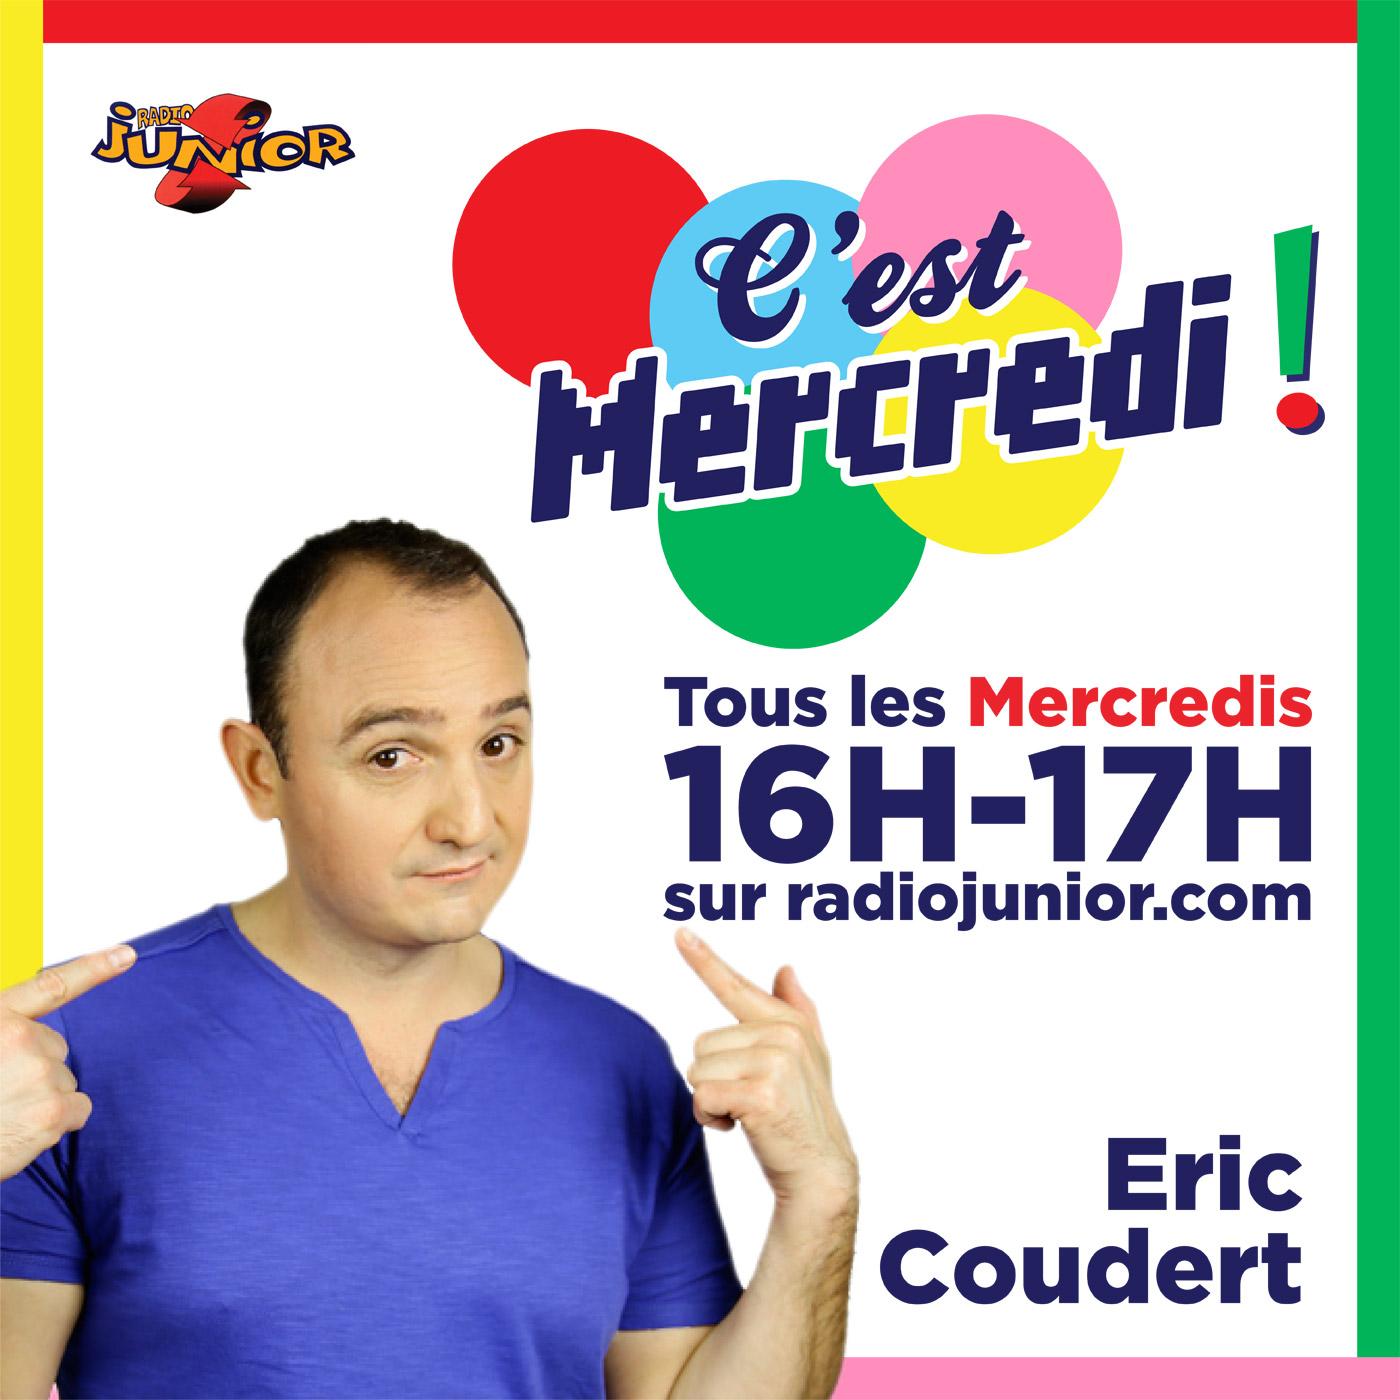 C'est Mercredi le magazine radio avec Eric Coudert